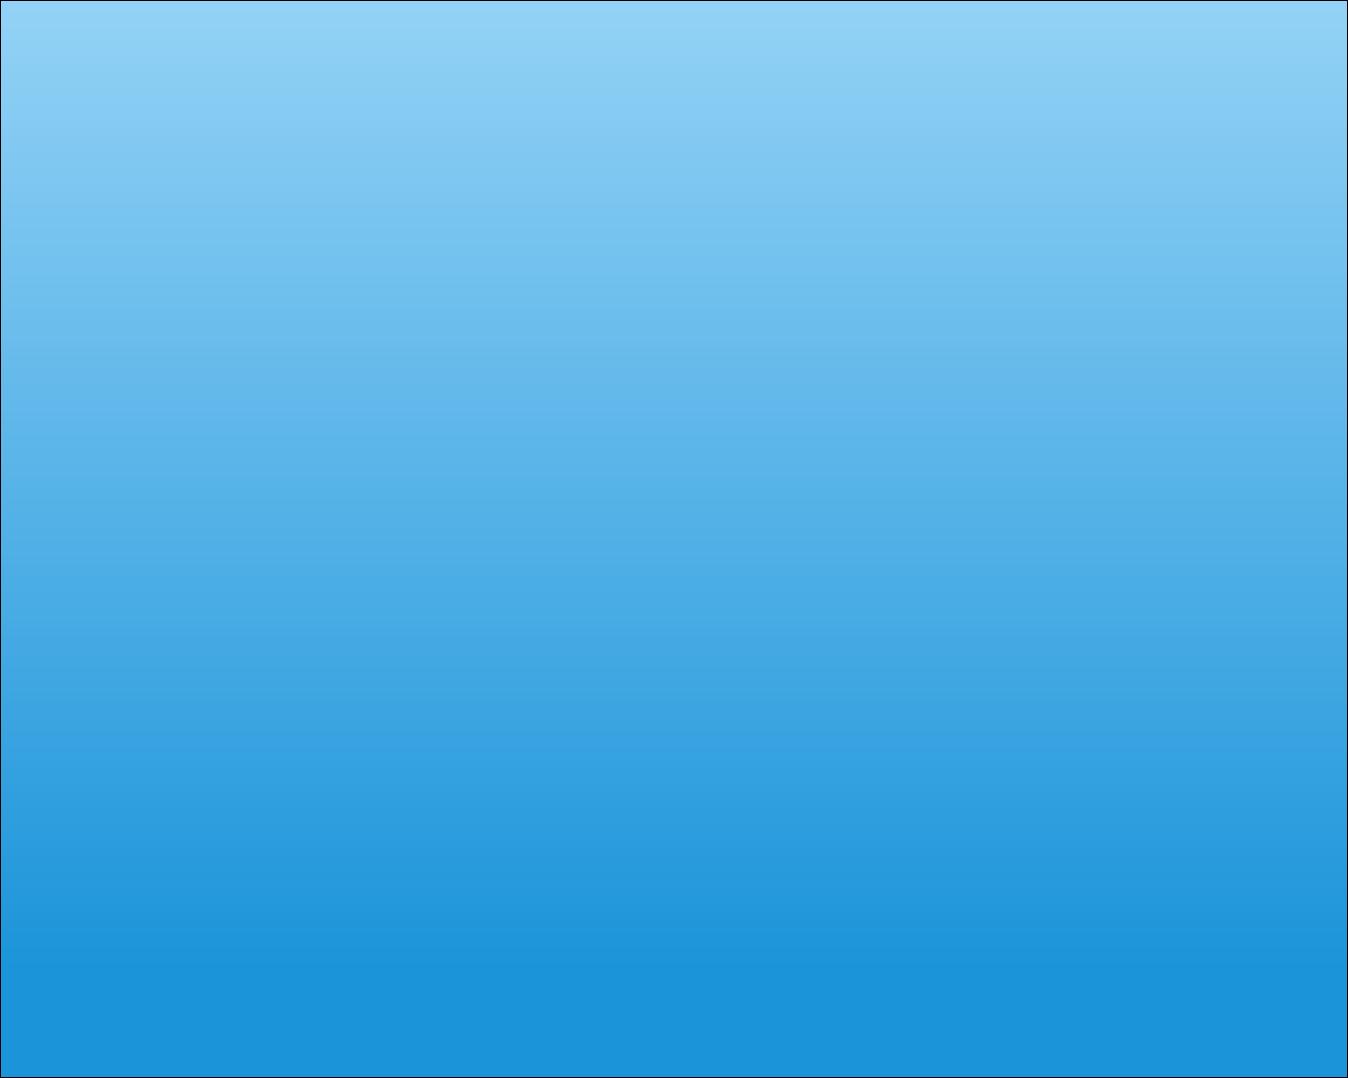 22.11.2012 Slavkov  22.11.2012 plánovaná výluka části Slavkova. Přepojení na  nový páteřní spoj v pásmu 10GHz. Výpadek od 10 do 11hod. 5cf39d13988